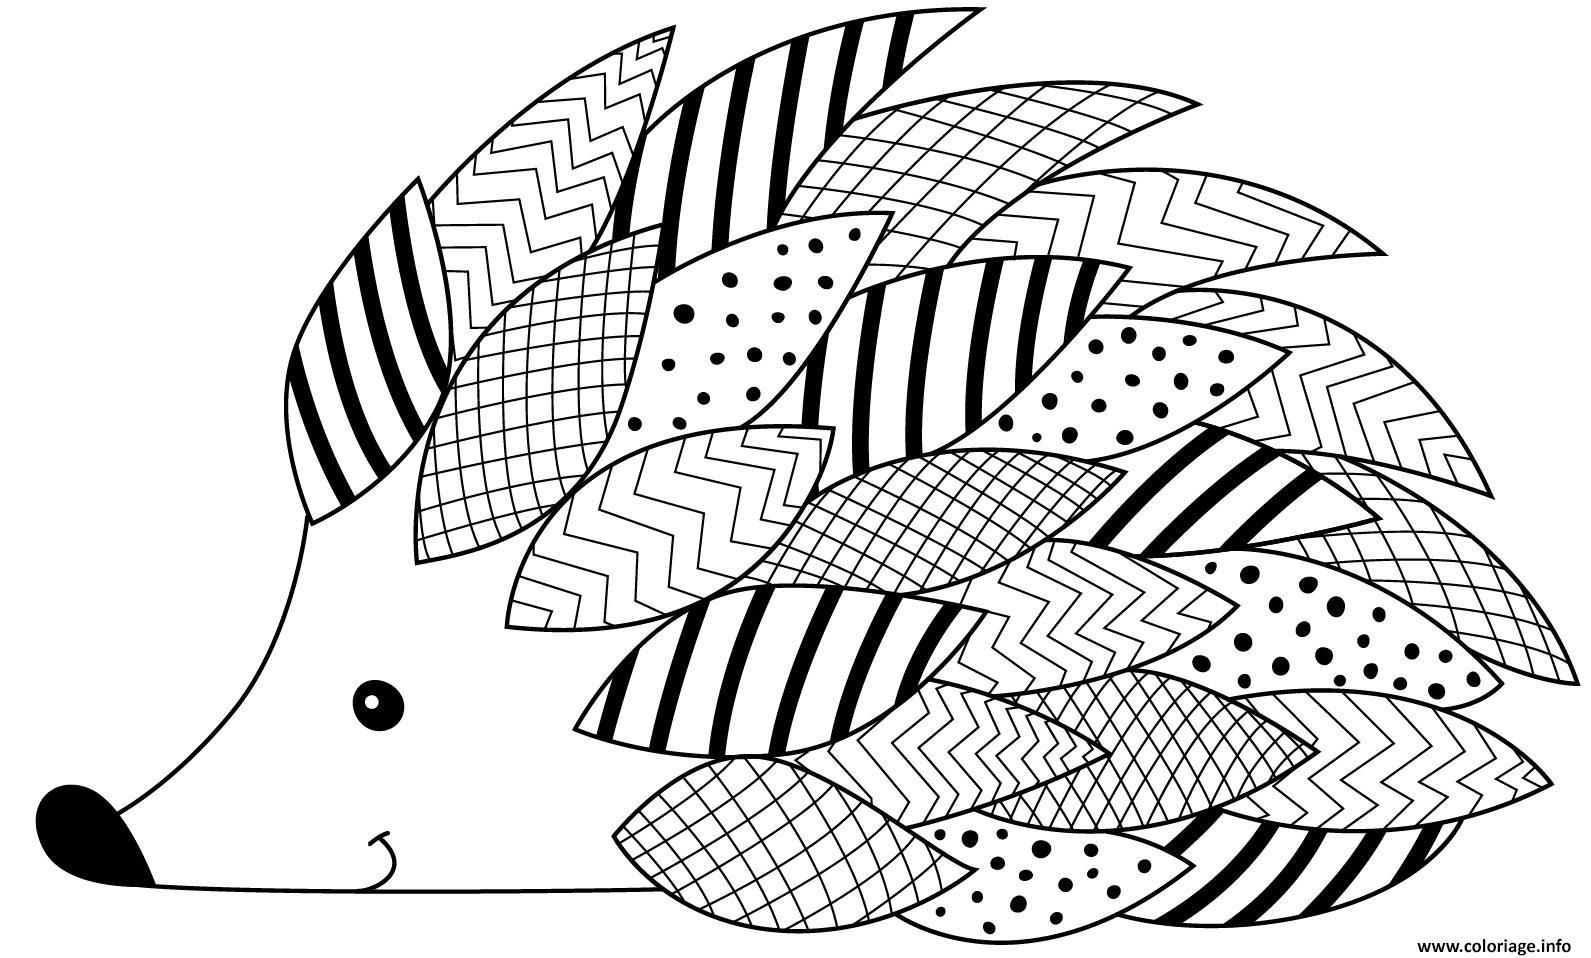 Coloriage herisson avec plusieurs motifs   JeColorie.com